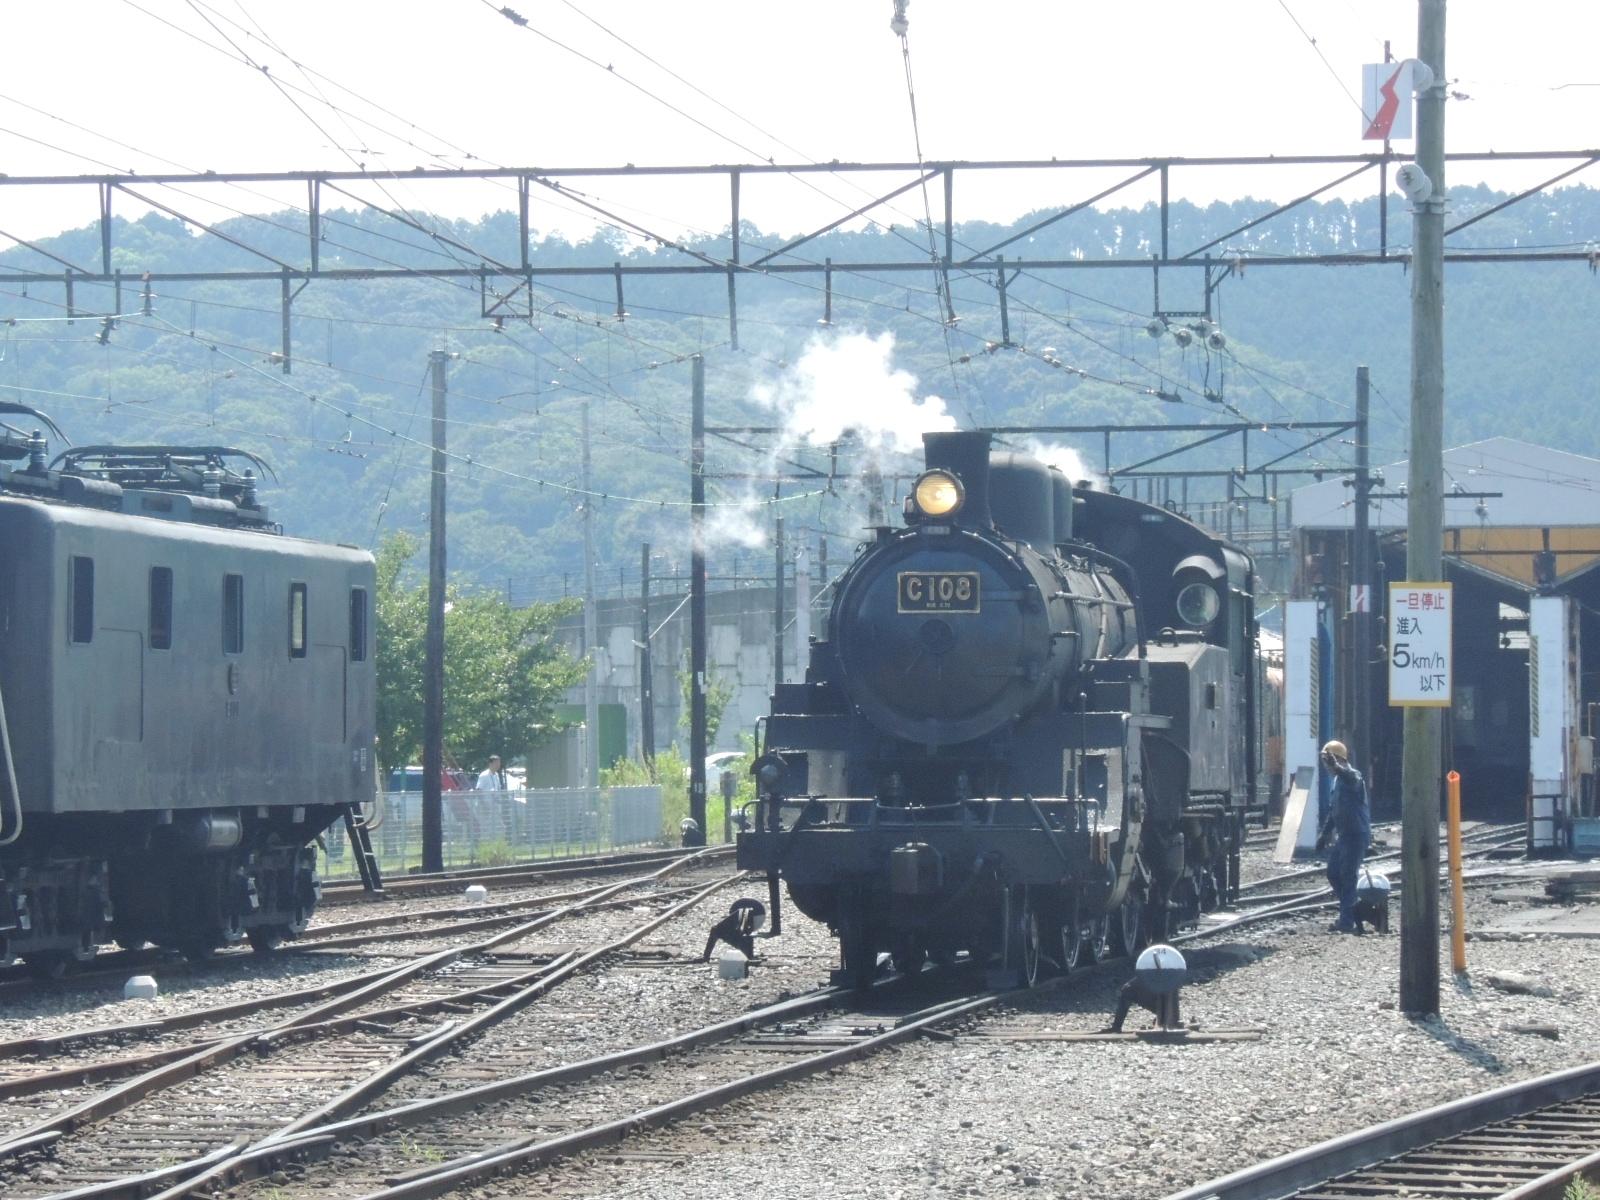 DSCN3376.jpg